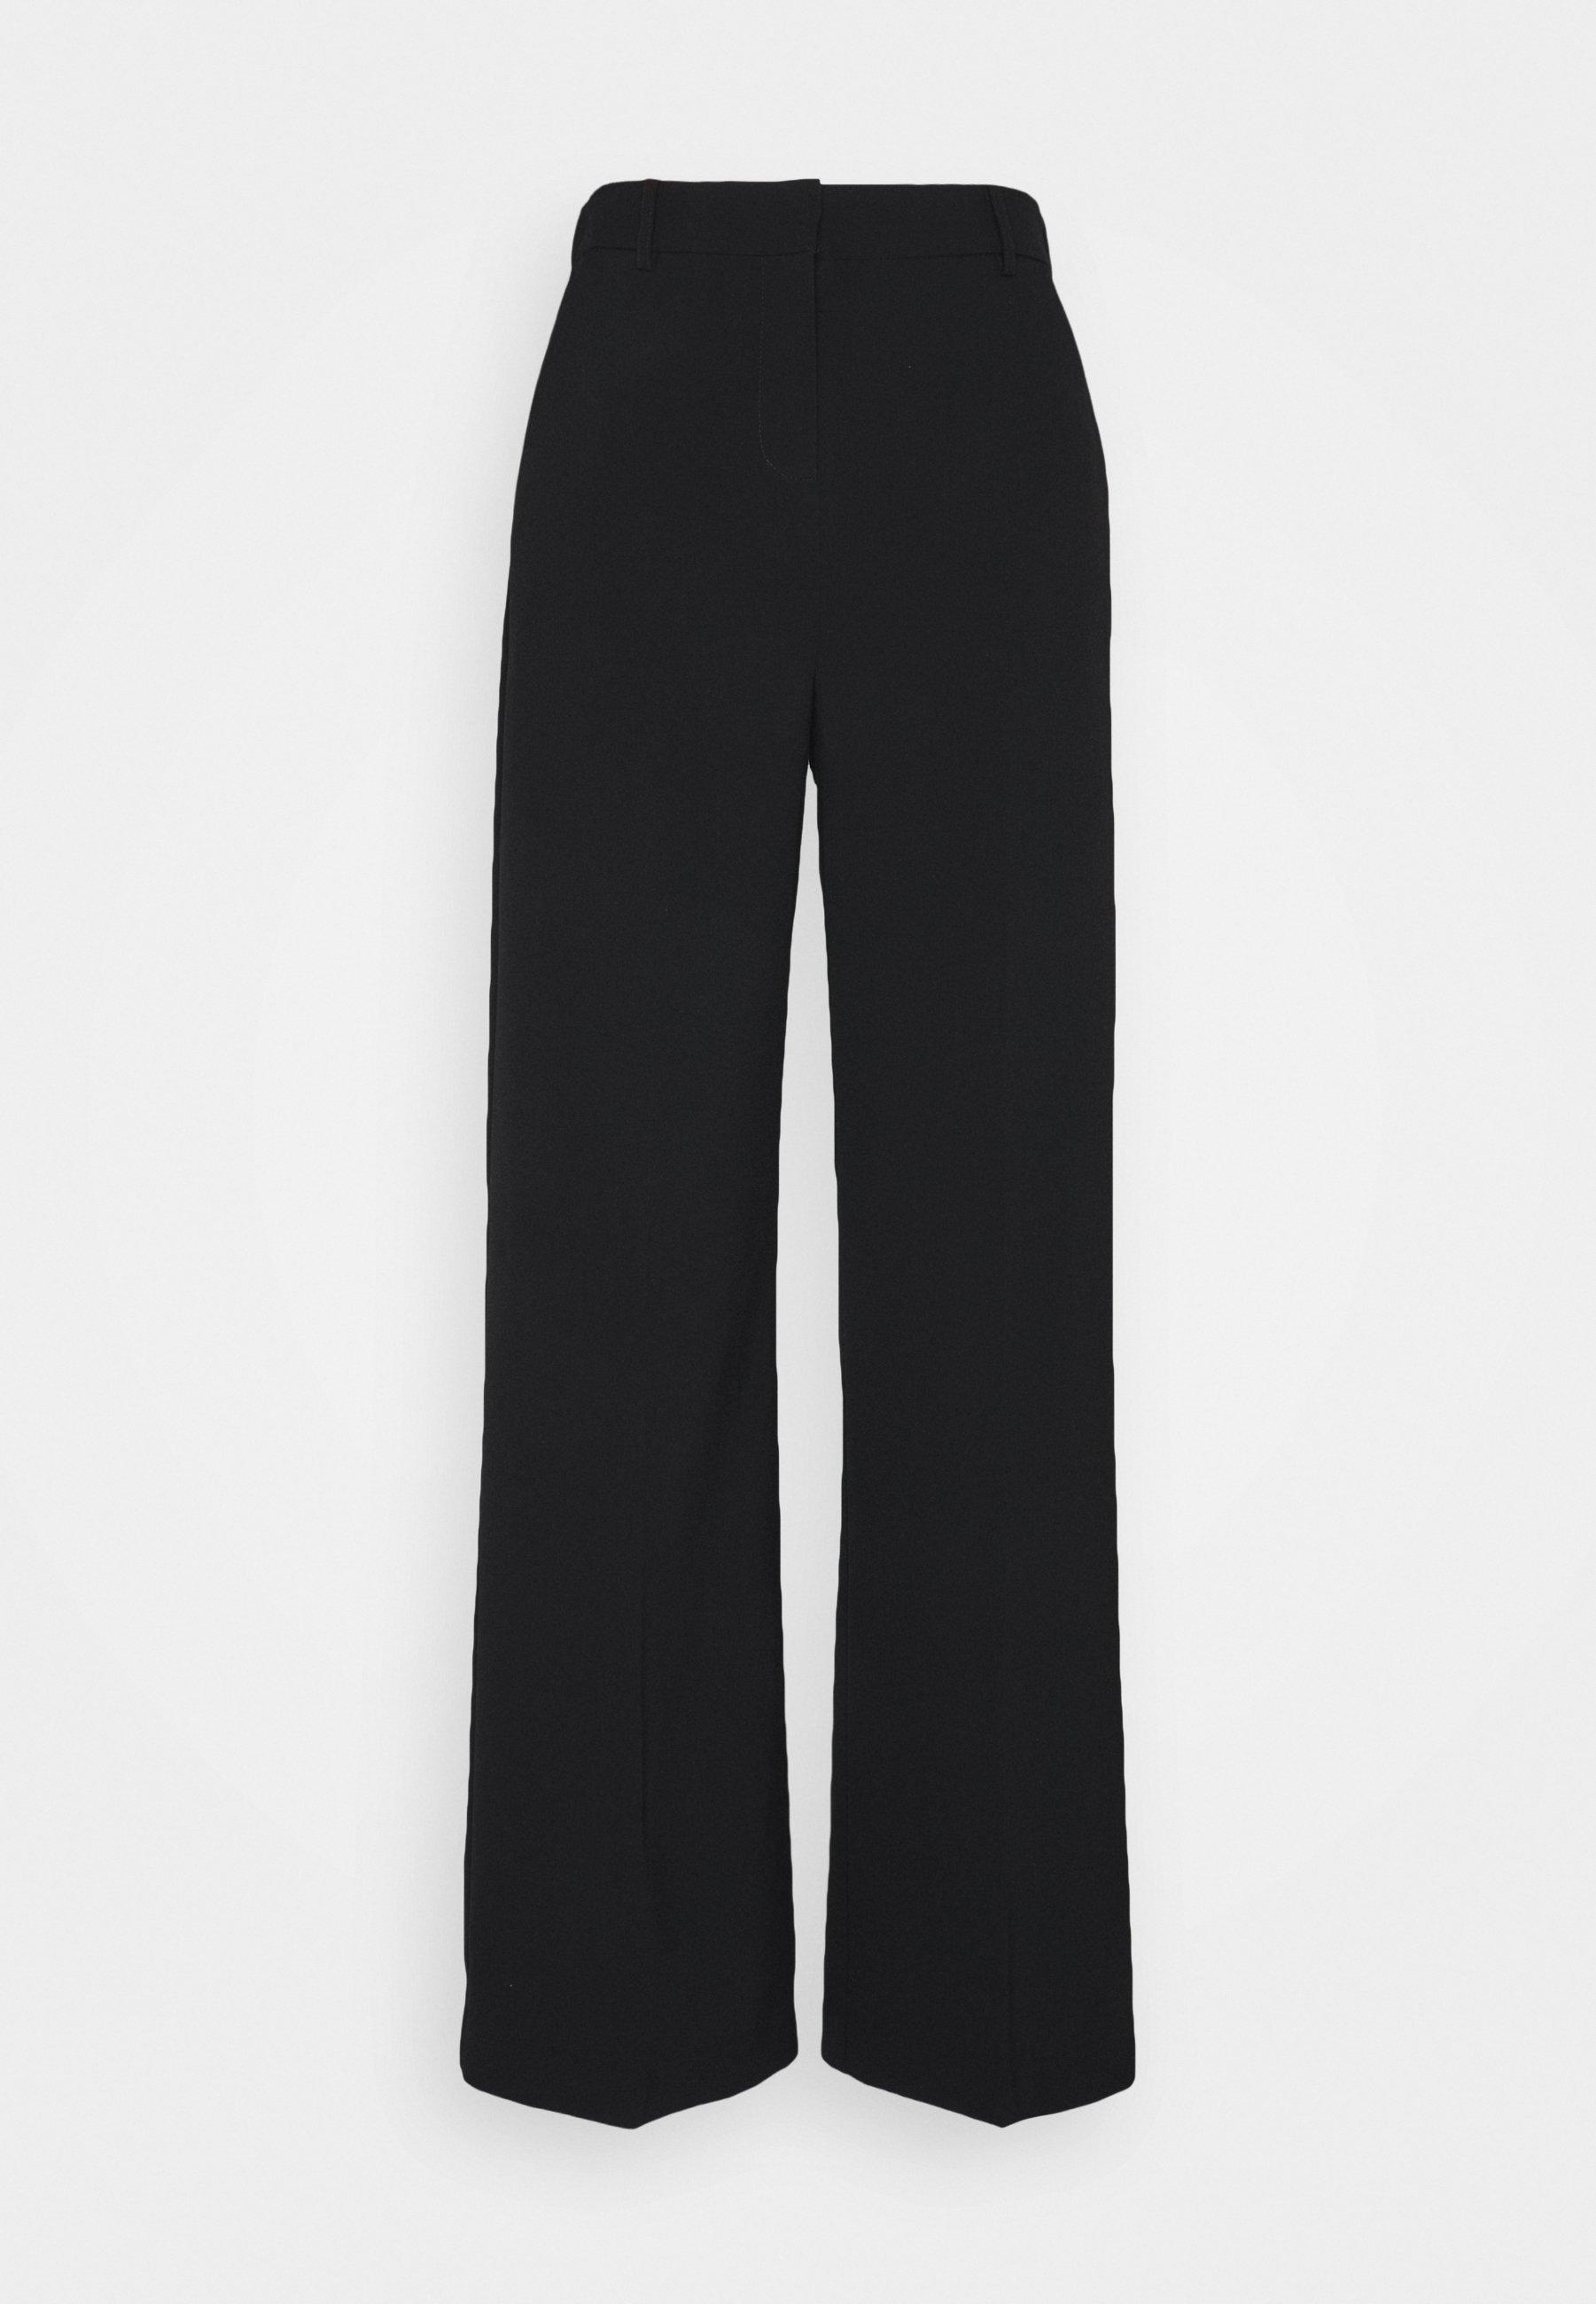 BYDANTA WIDE LEG PANTS Bukse black